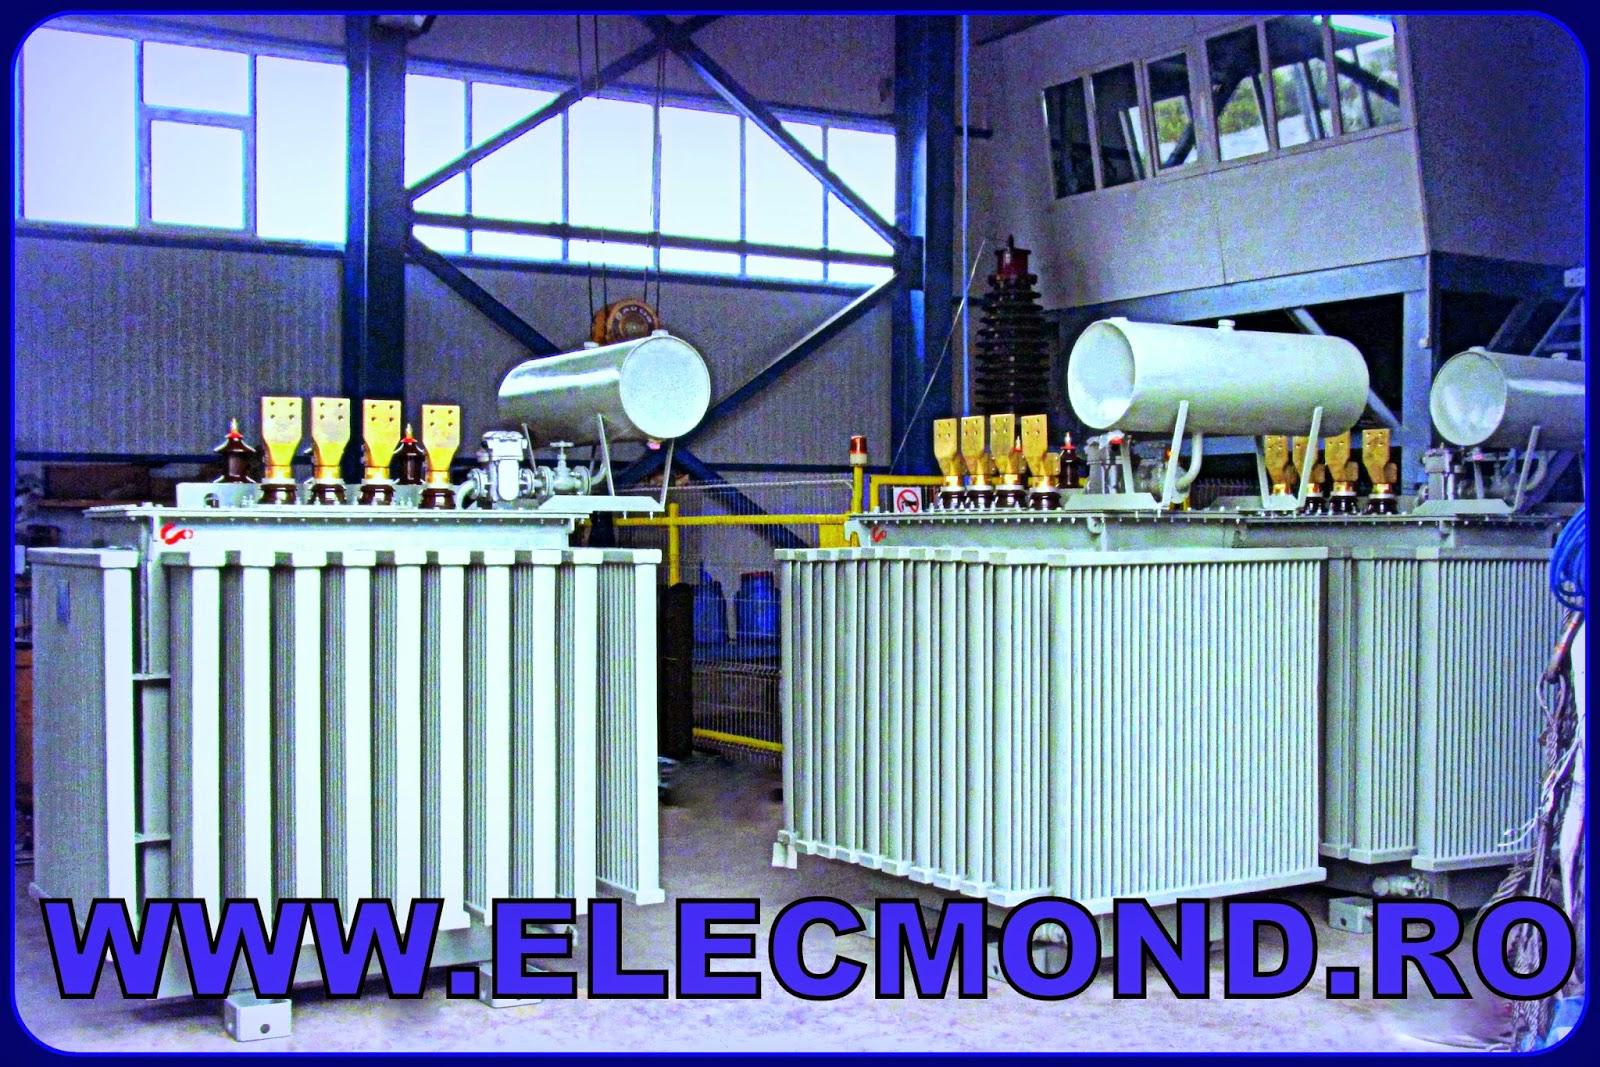 TRANSFORMATOARE 1600 kVA 6/0,4 kV ,TRANSFORMATOARE ELECTRICE, OFERTA TRANSFORMATOARE, PRET TRANSFORMATOR , TRAFO  , OFERTA TRANSFORMATOARE ,transformatoare medie tensiune, TRANSFORMATOARE ,elecmond electric  TRANSFORMATOR 1600, elecmond